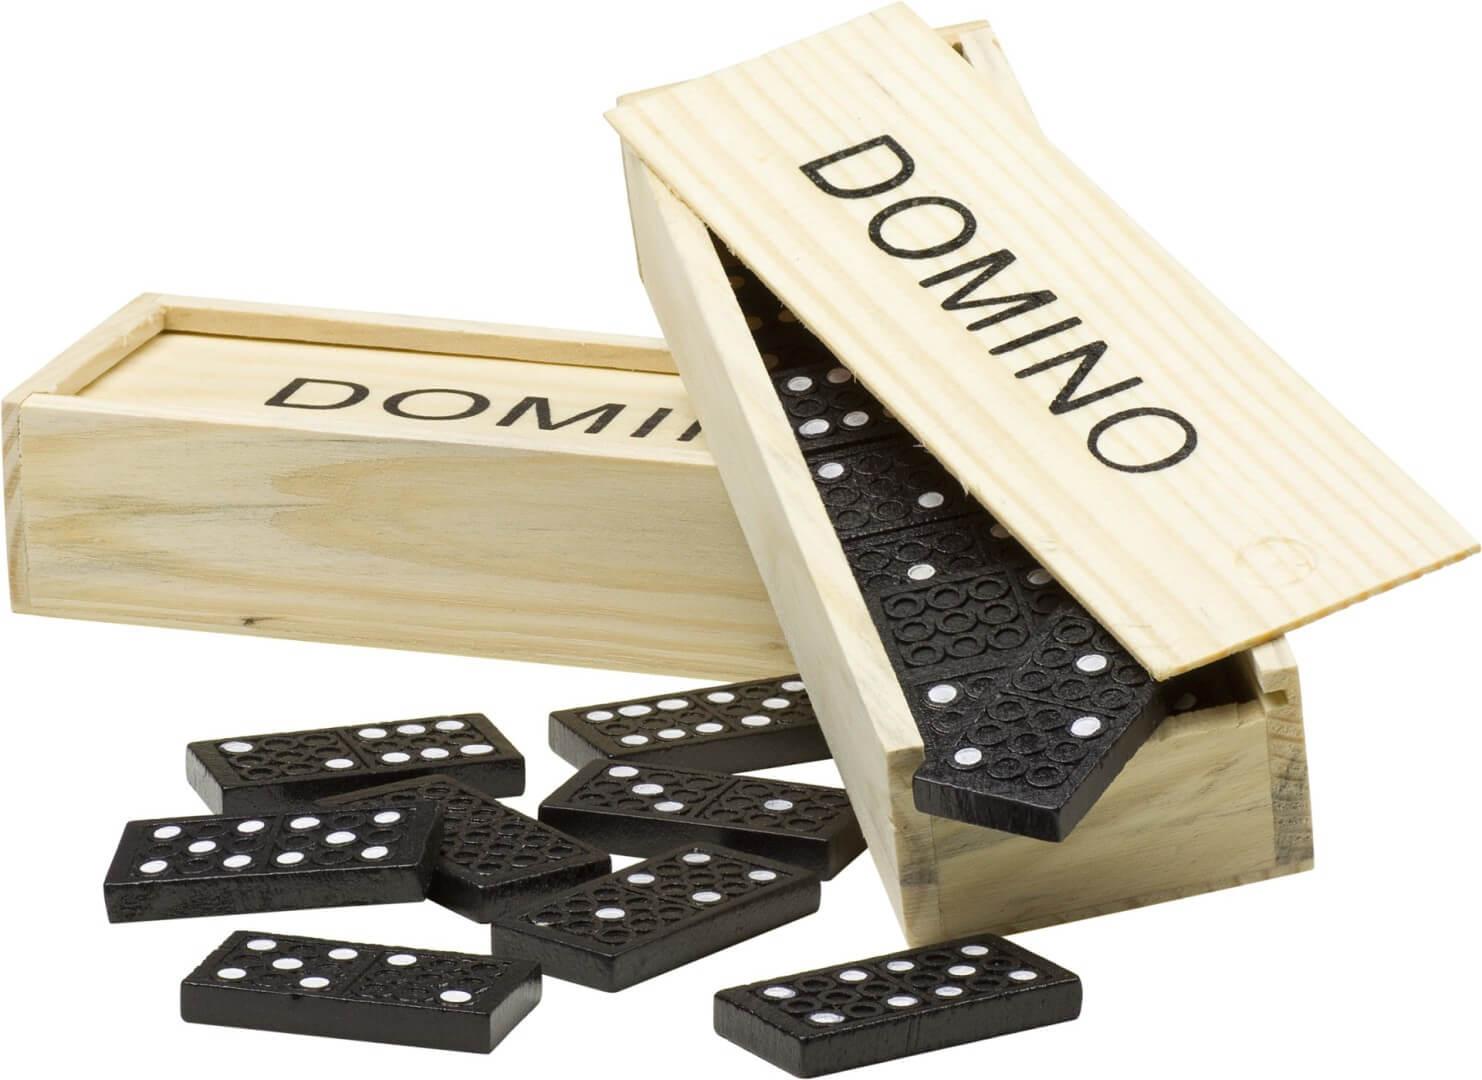 Hra Domino v drevenej krabici, neutrál